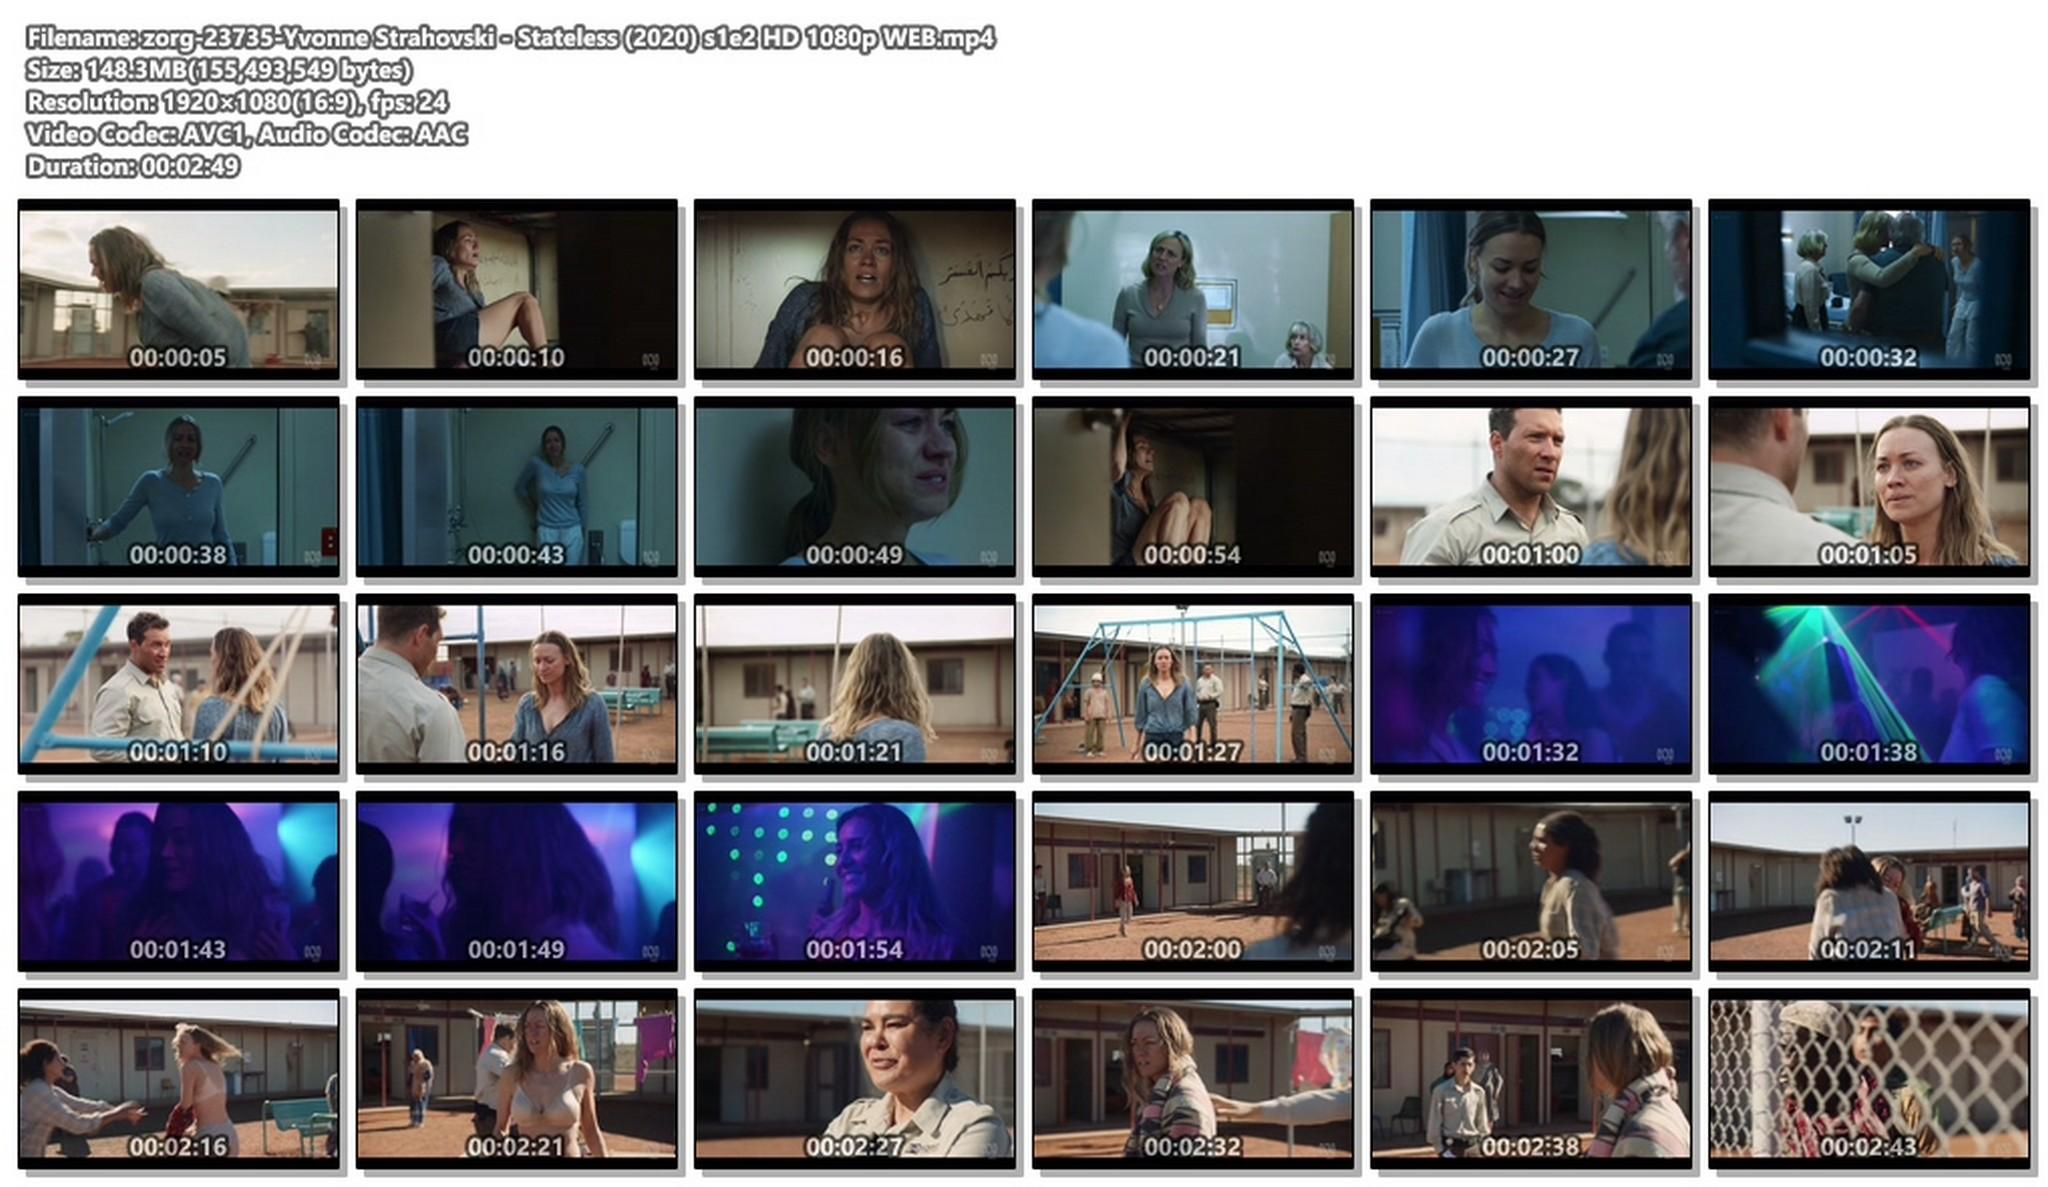 Yvonne Strahovski hot and sexy - Stateless (2020) s1e2 HD 1080p WEB (1)